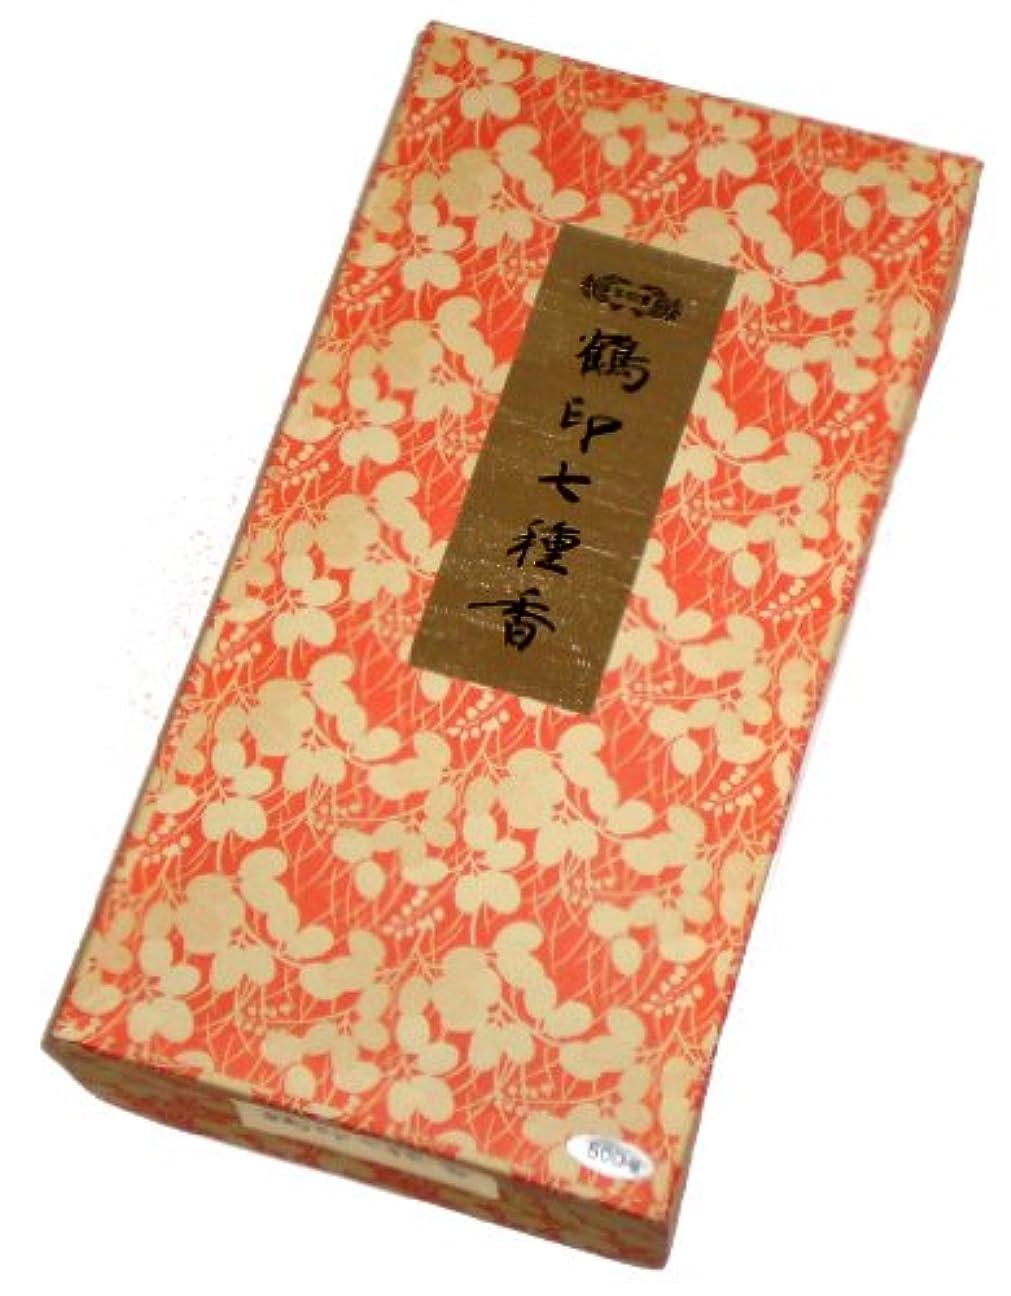 感謝祭深さ解説玉初堂のお香 鶴印七種香 500g #671